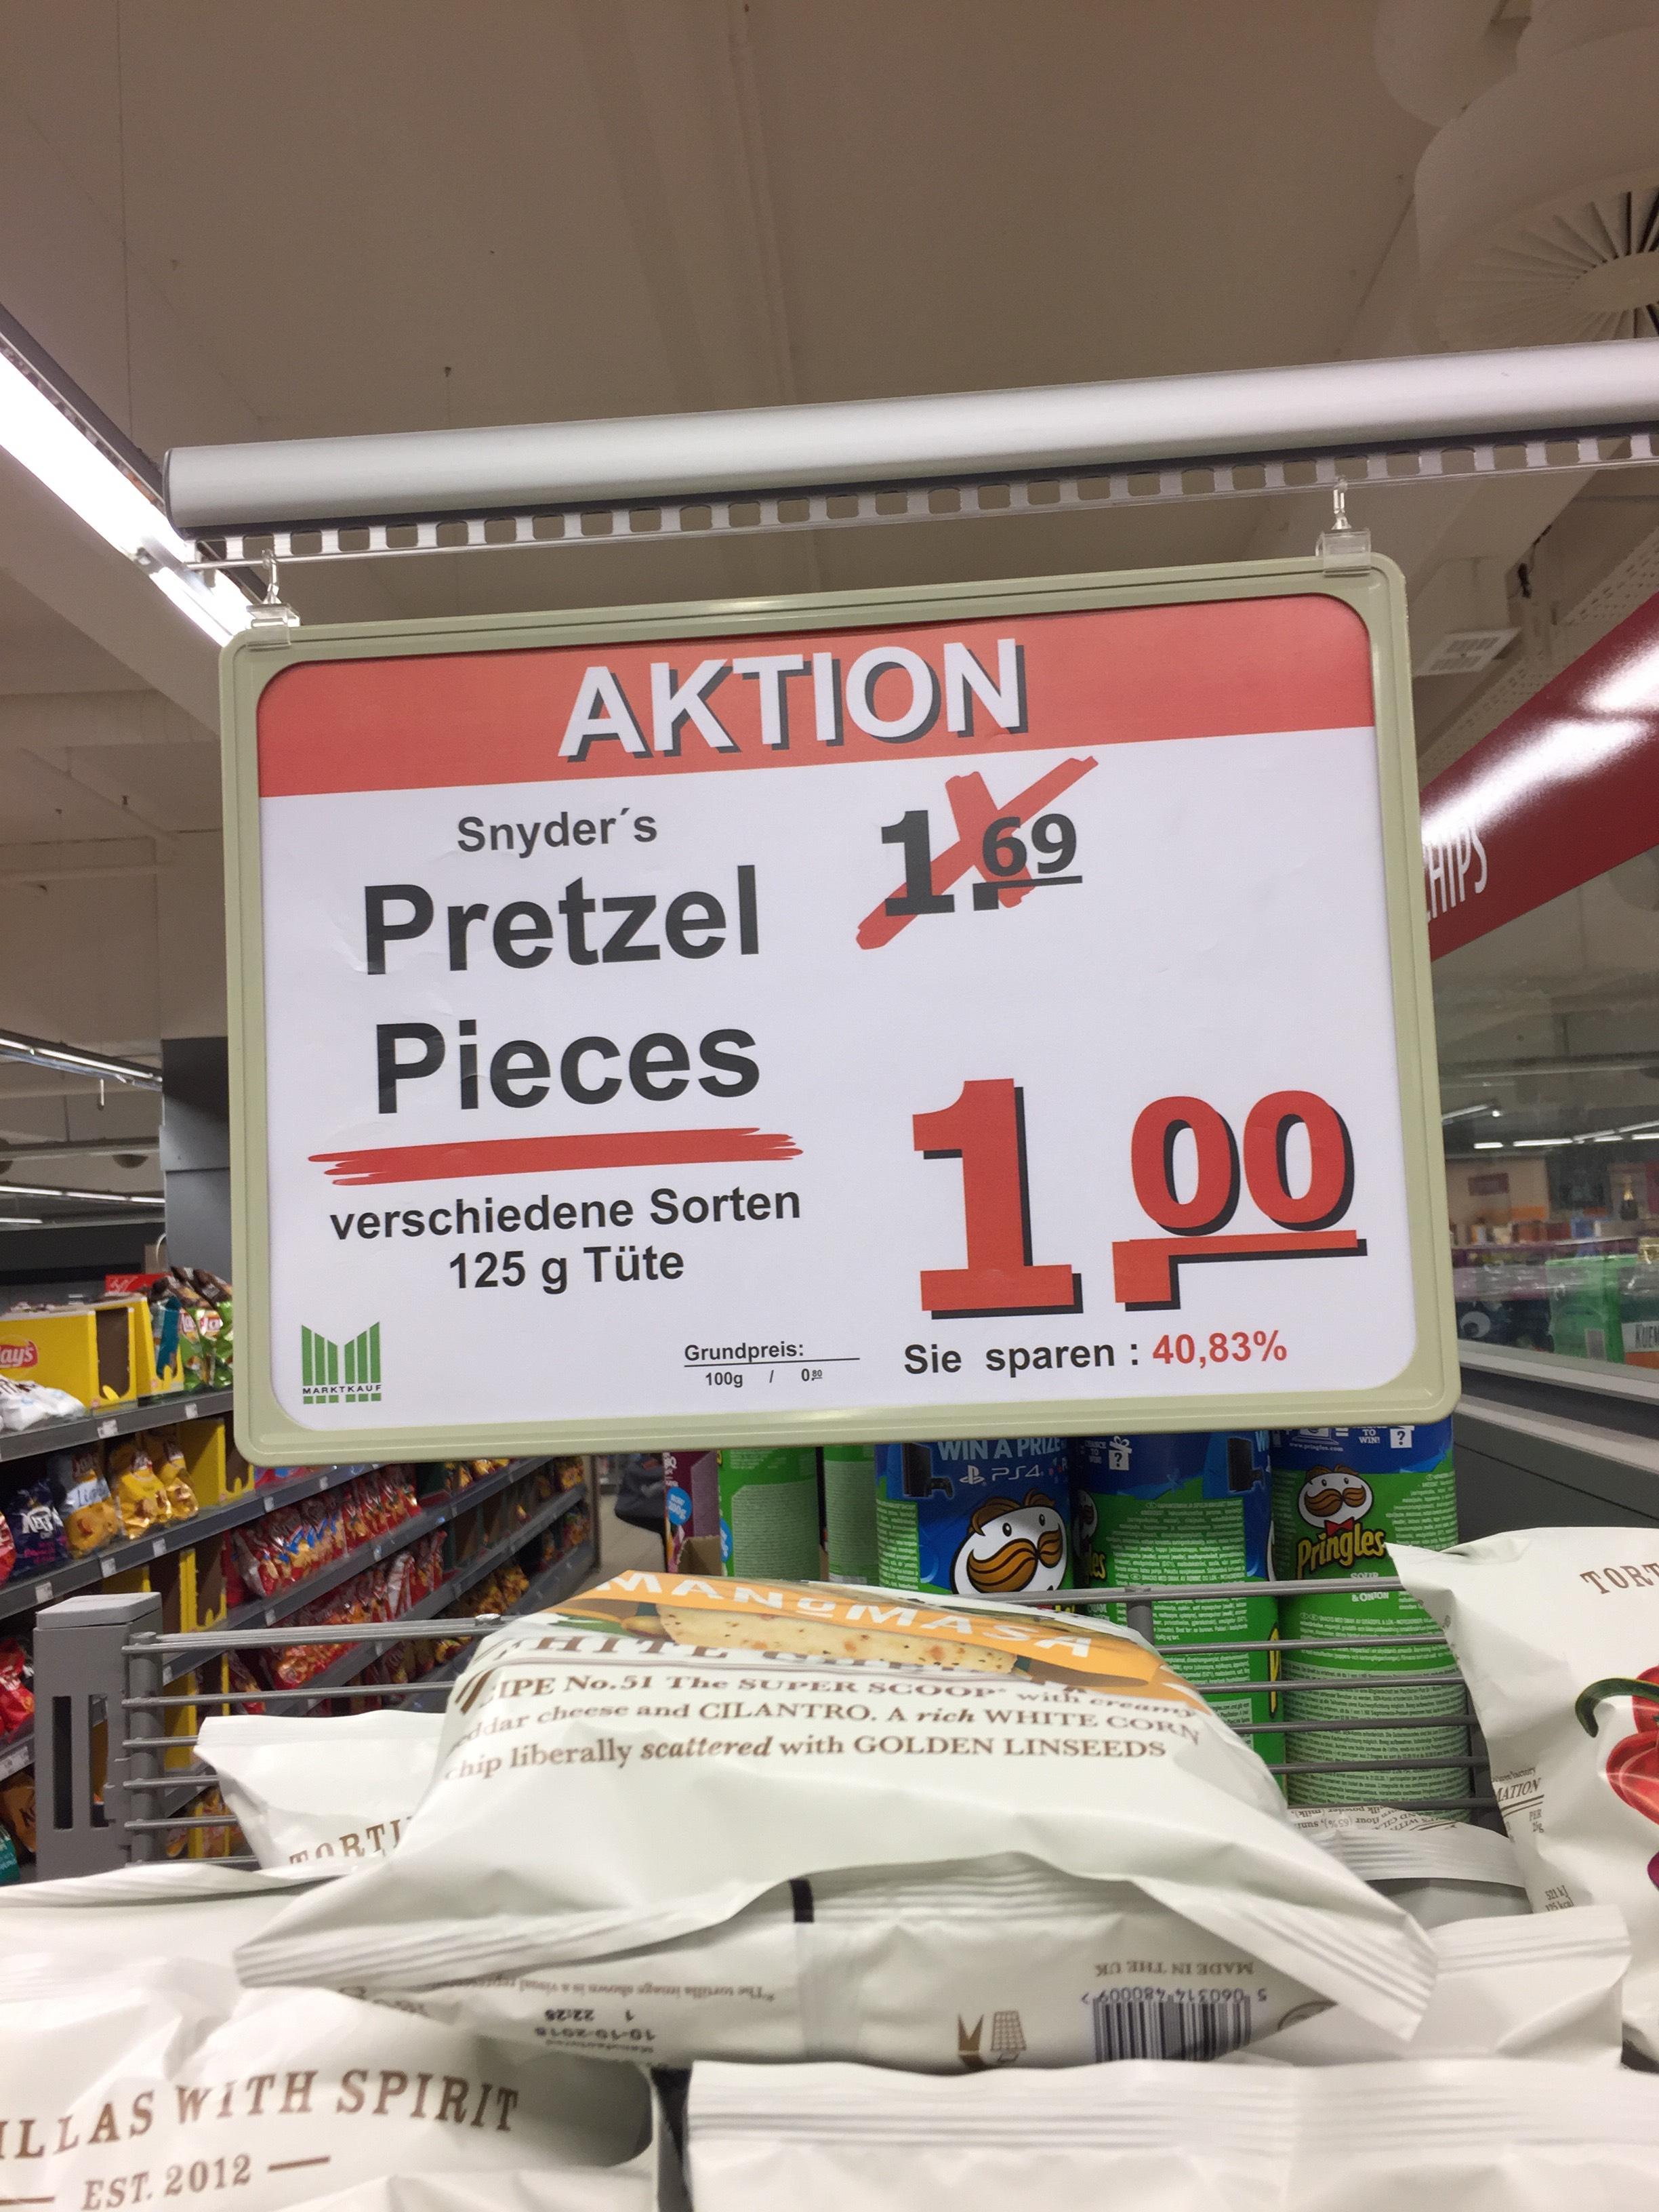 [Marktkauf Hamburg Bergedorf] Snyder´s Pretzel Pieces versch. Sorten für 1,00€ im Angebot